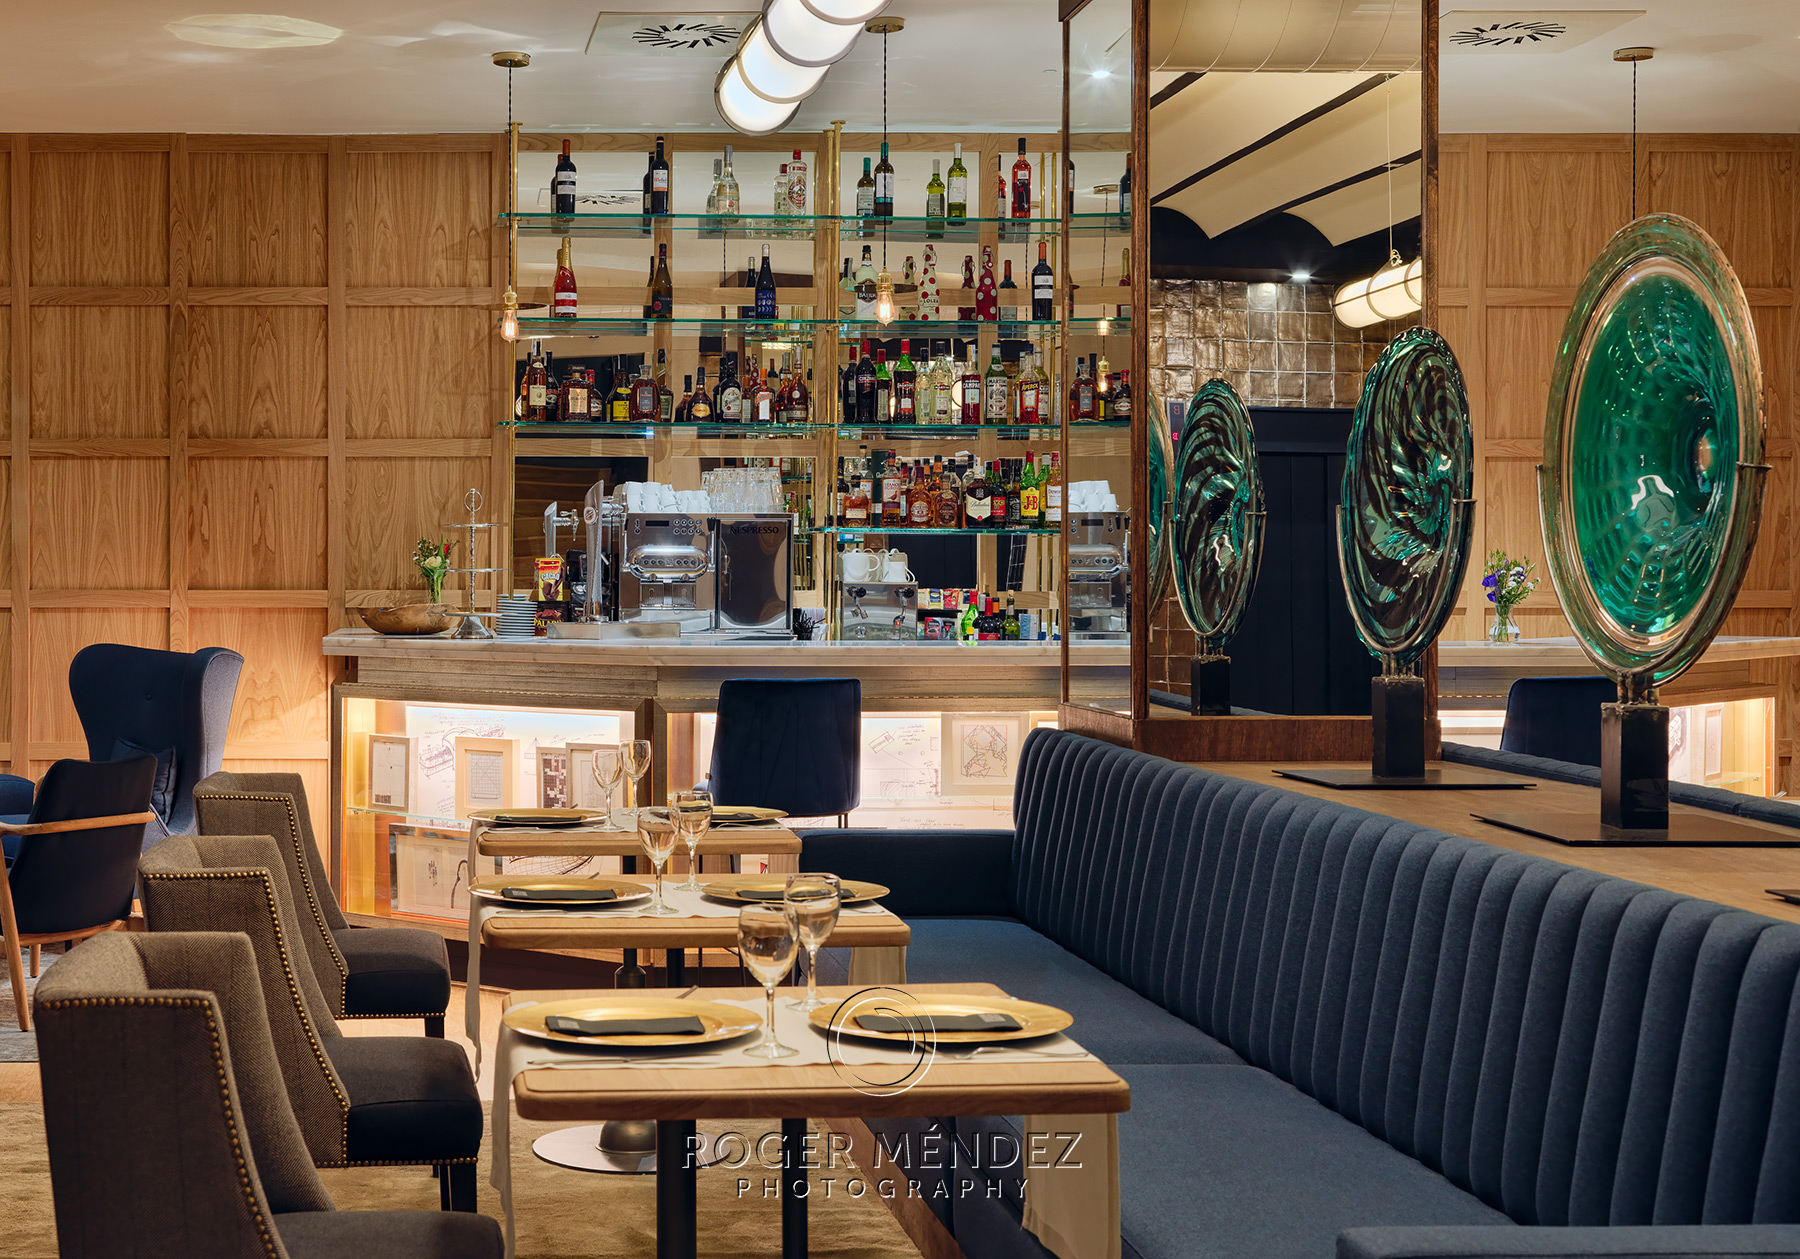 Lobby bar detail for H10 Puerta de Alcalá